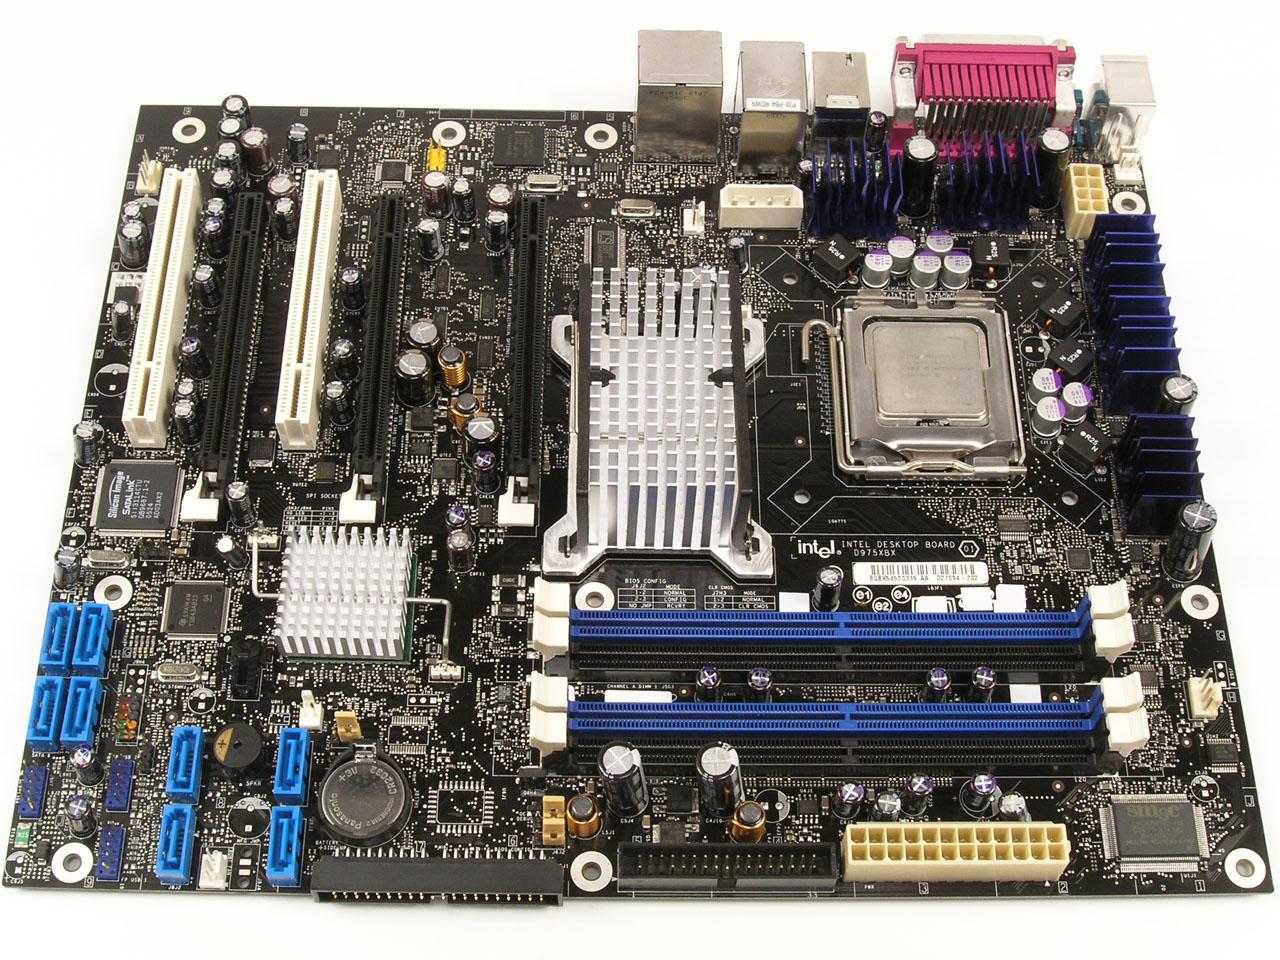 intel desktop board dp35dp manual